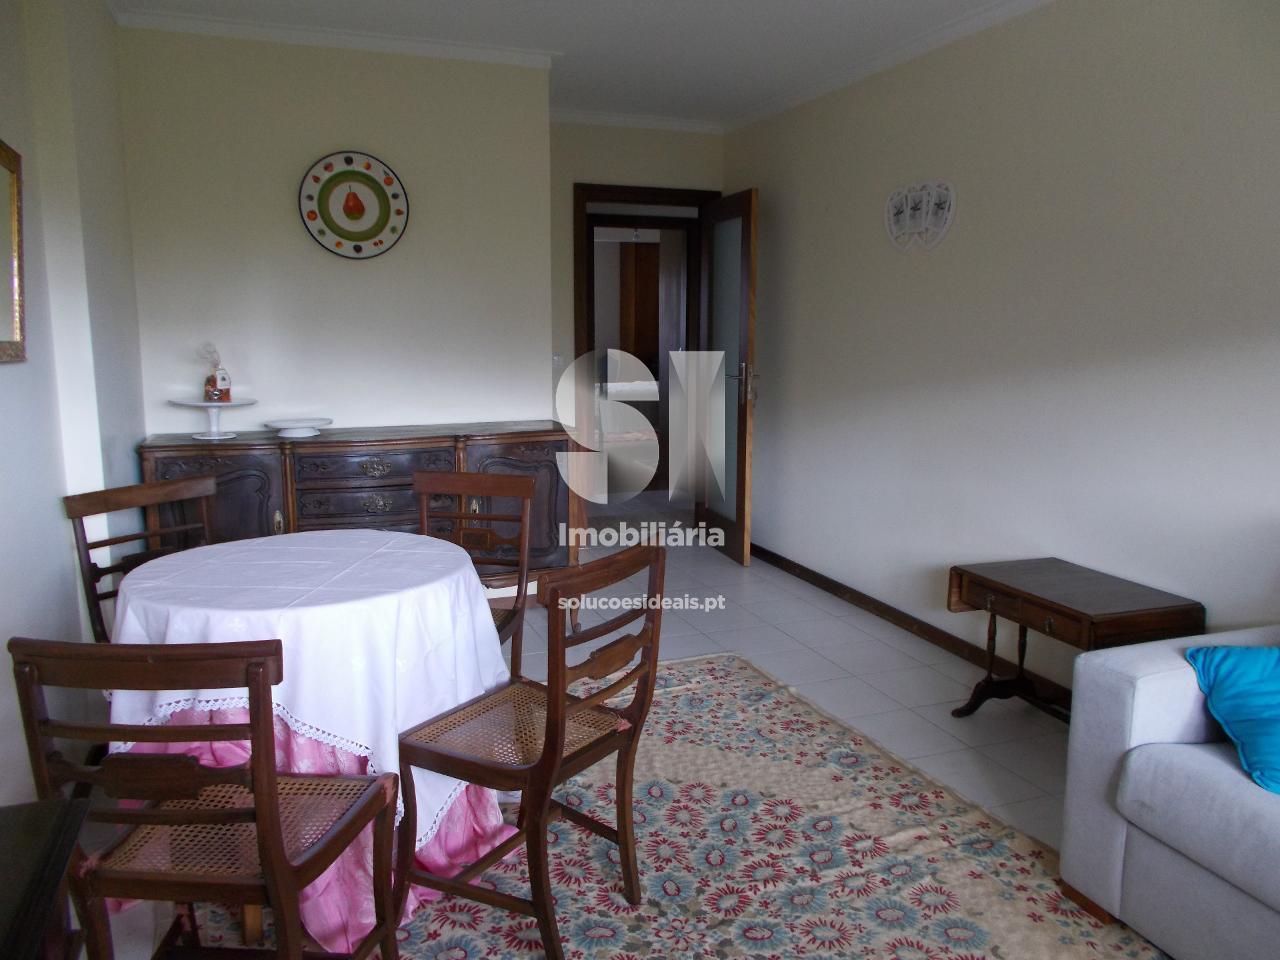 apartamento t2 para arrendamento em aveiro uniao das freguesias de gloria e vera cruz barrocas AVGCL1831